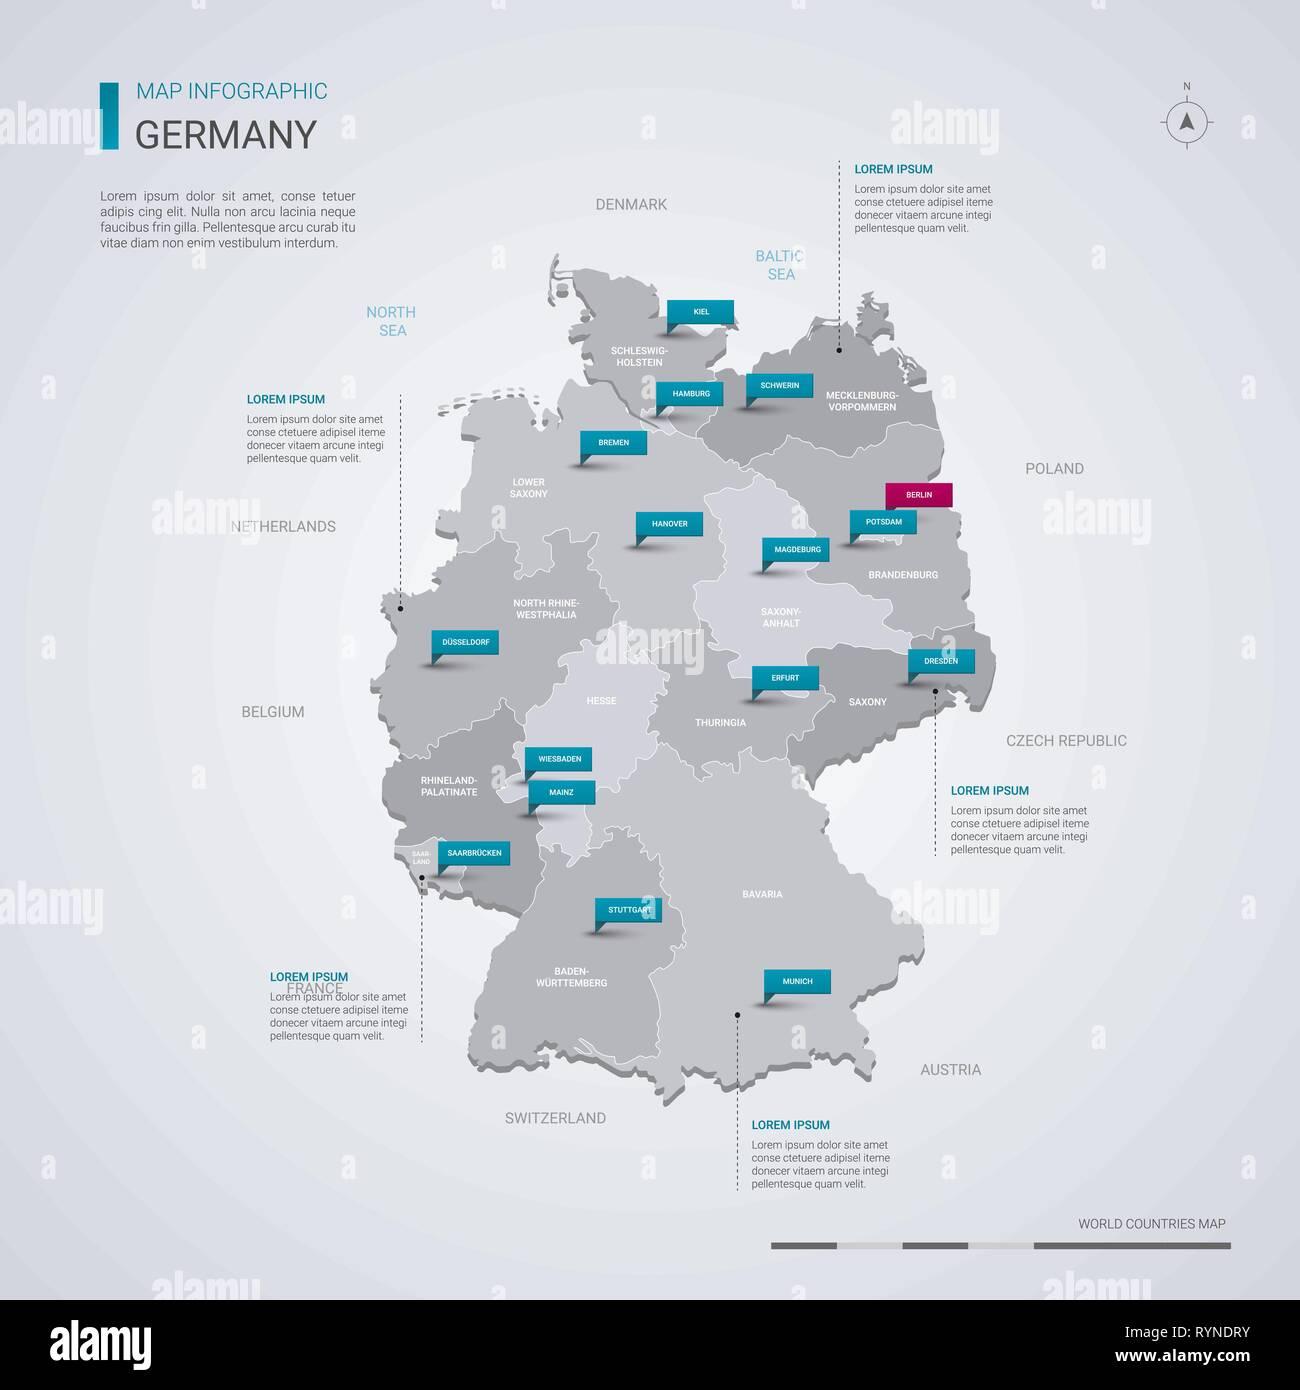 Allemagne Carte Vectorielle Avec Elements Infographique Pointeur Marques Modele Modifiable Avec Les Regions Les Villes Et Capitale Berlin Image Vectorielle Stock Alamy